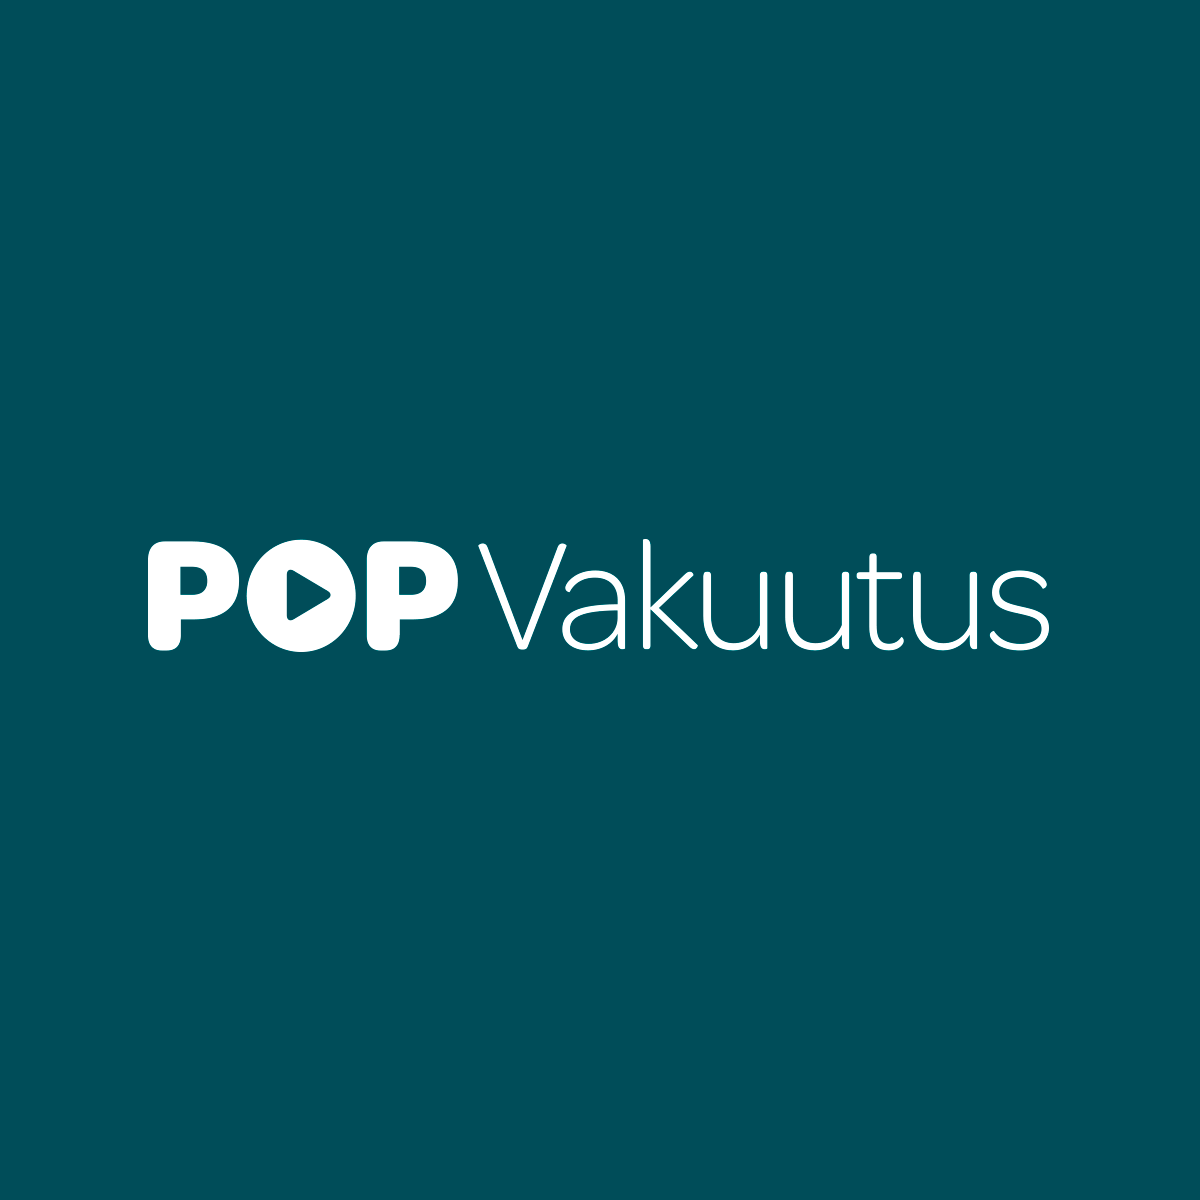 POP Mopovakuutus - Edullinen vakuutus mopolle - POP Vakuutus